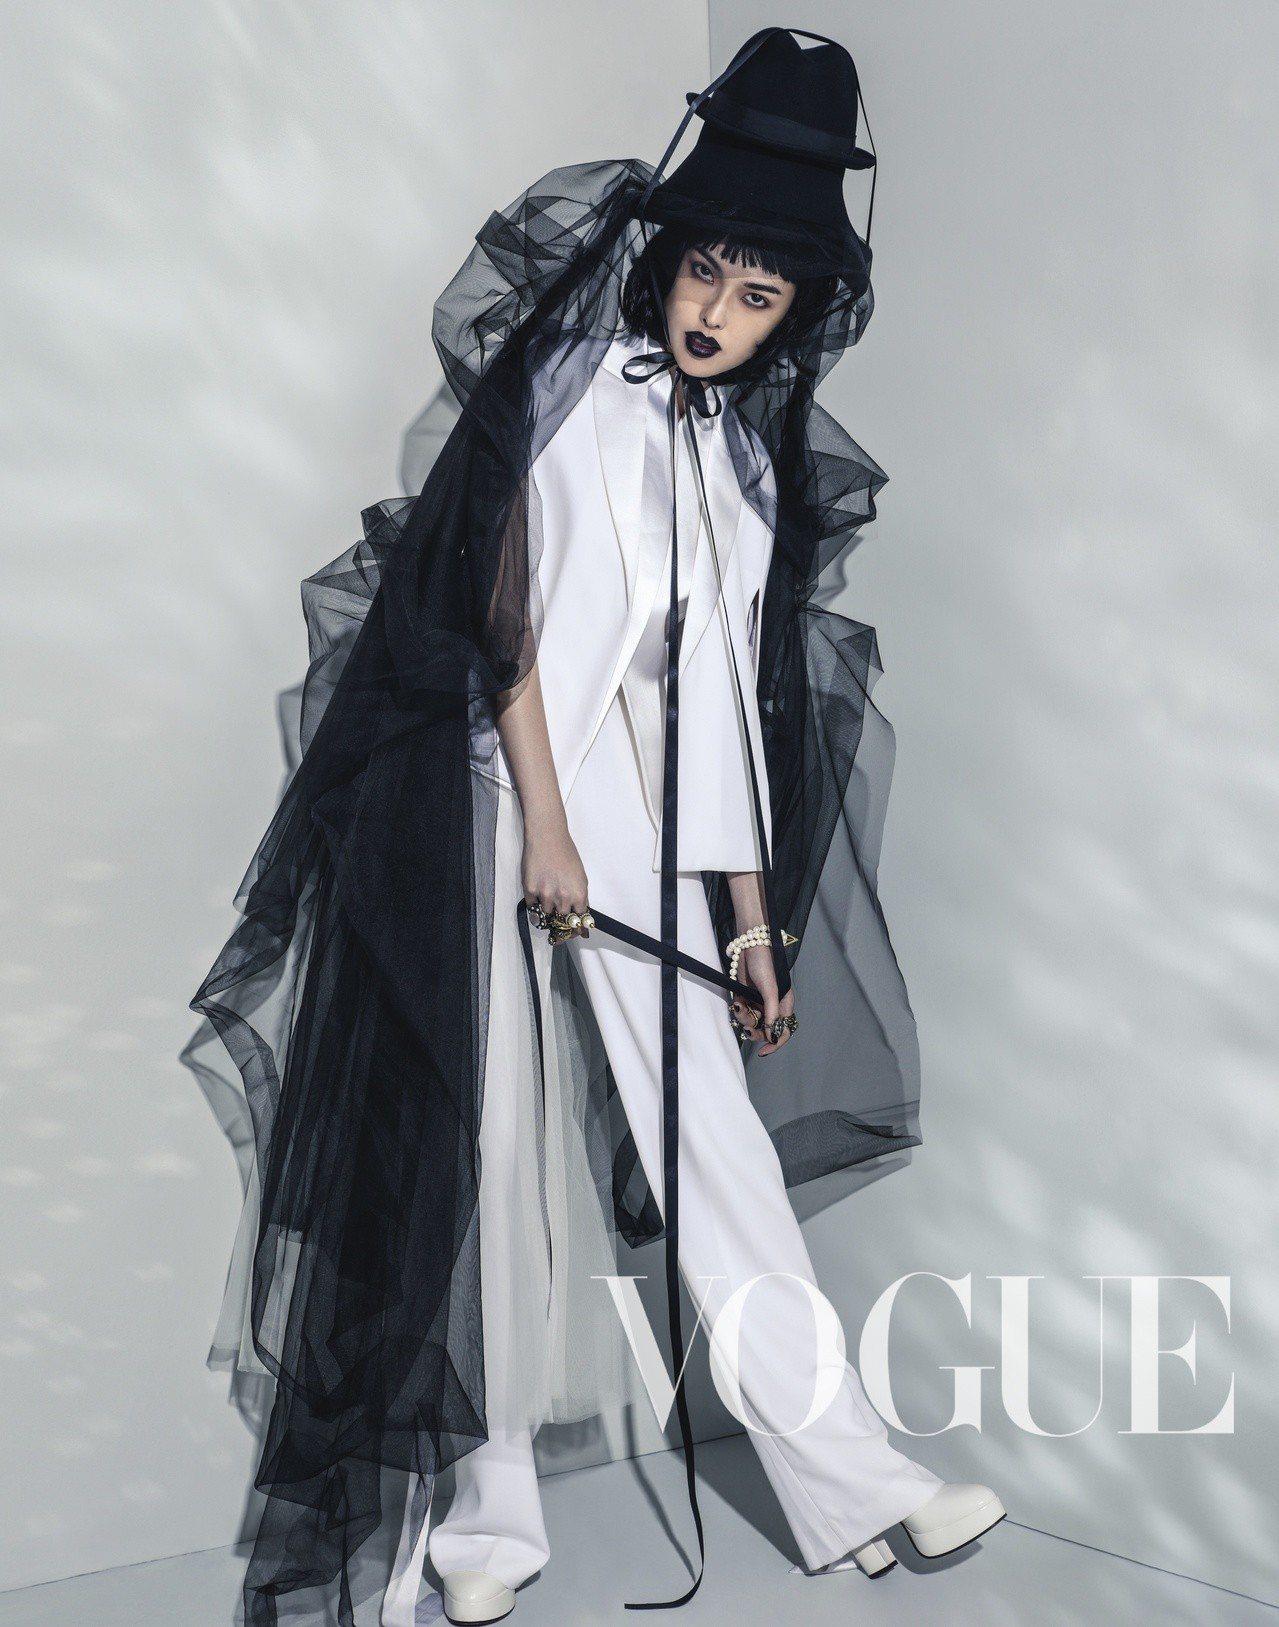 白色西裝(Givenchy)白色瑪莉珍鞋、所有戒指(Gucci)珍珠纏繞...